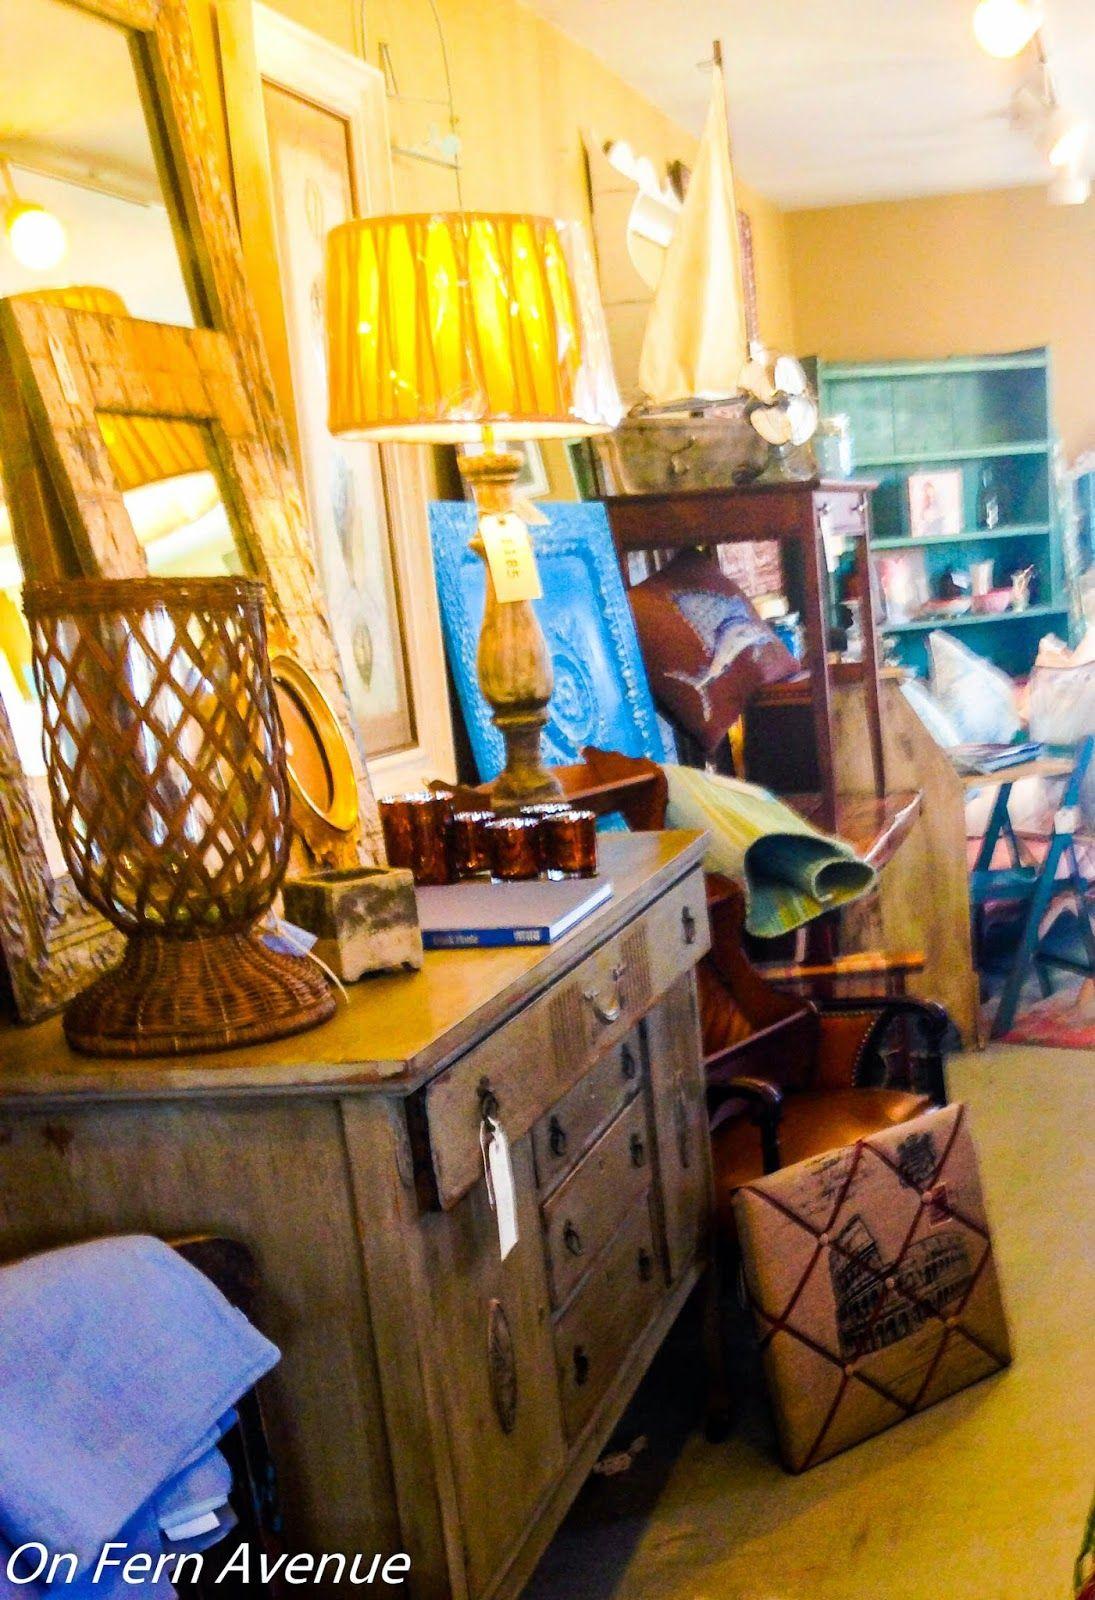 Fern Avenue: Thrifty Trip Tuesday #5